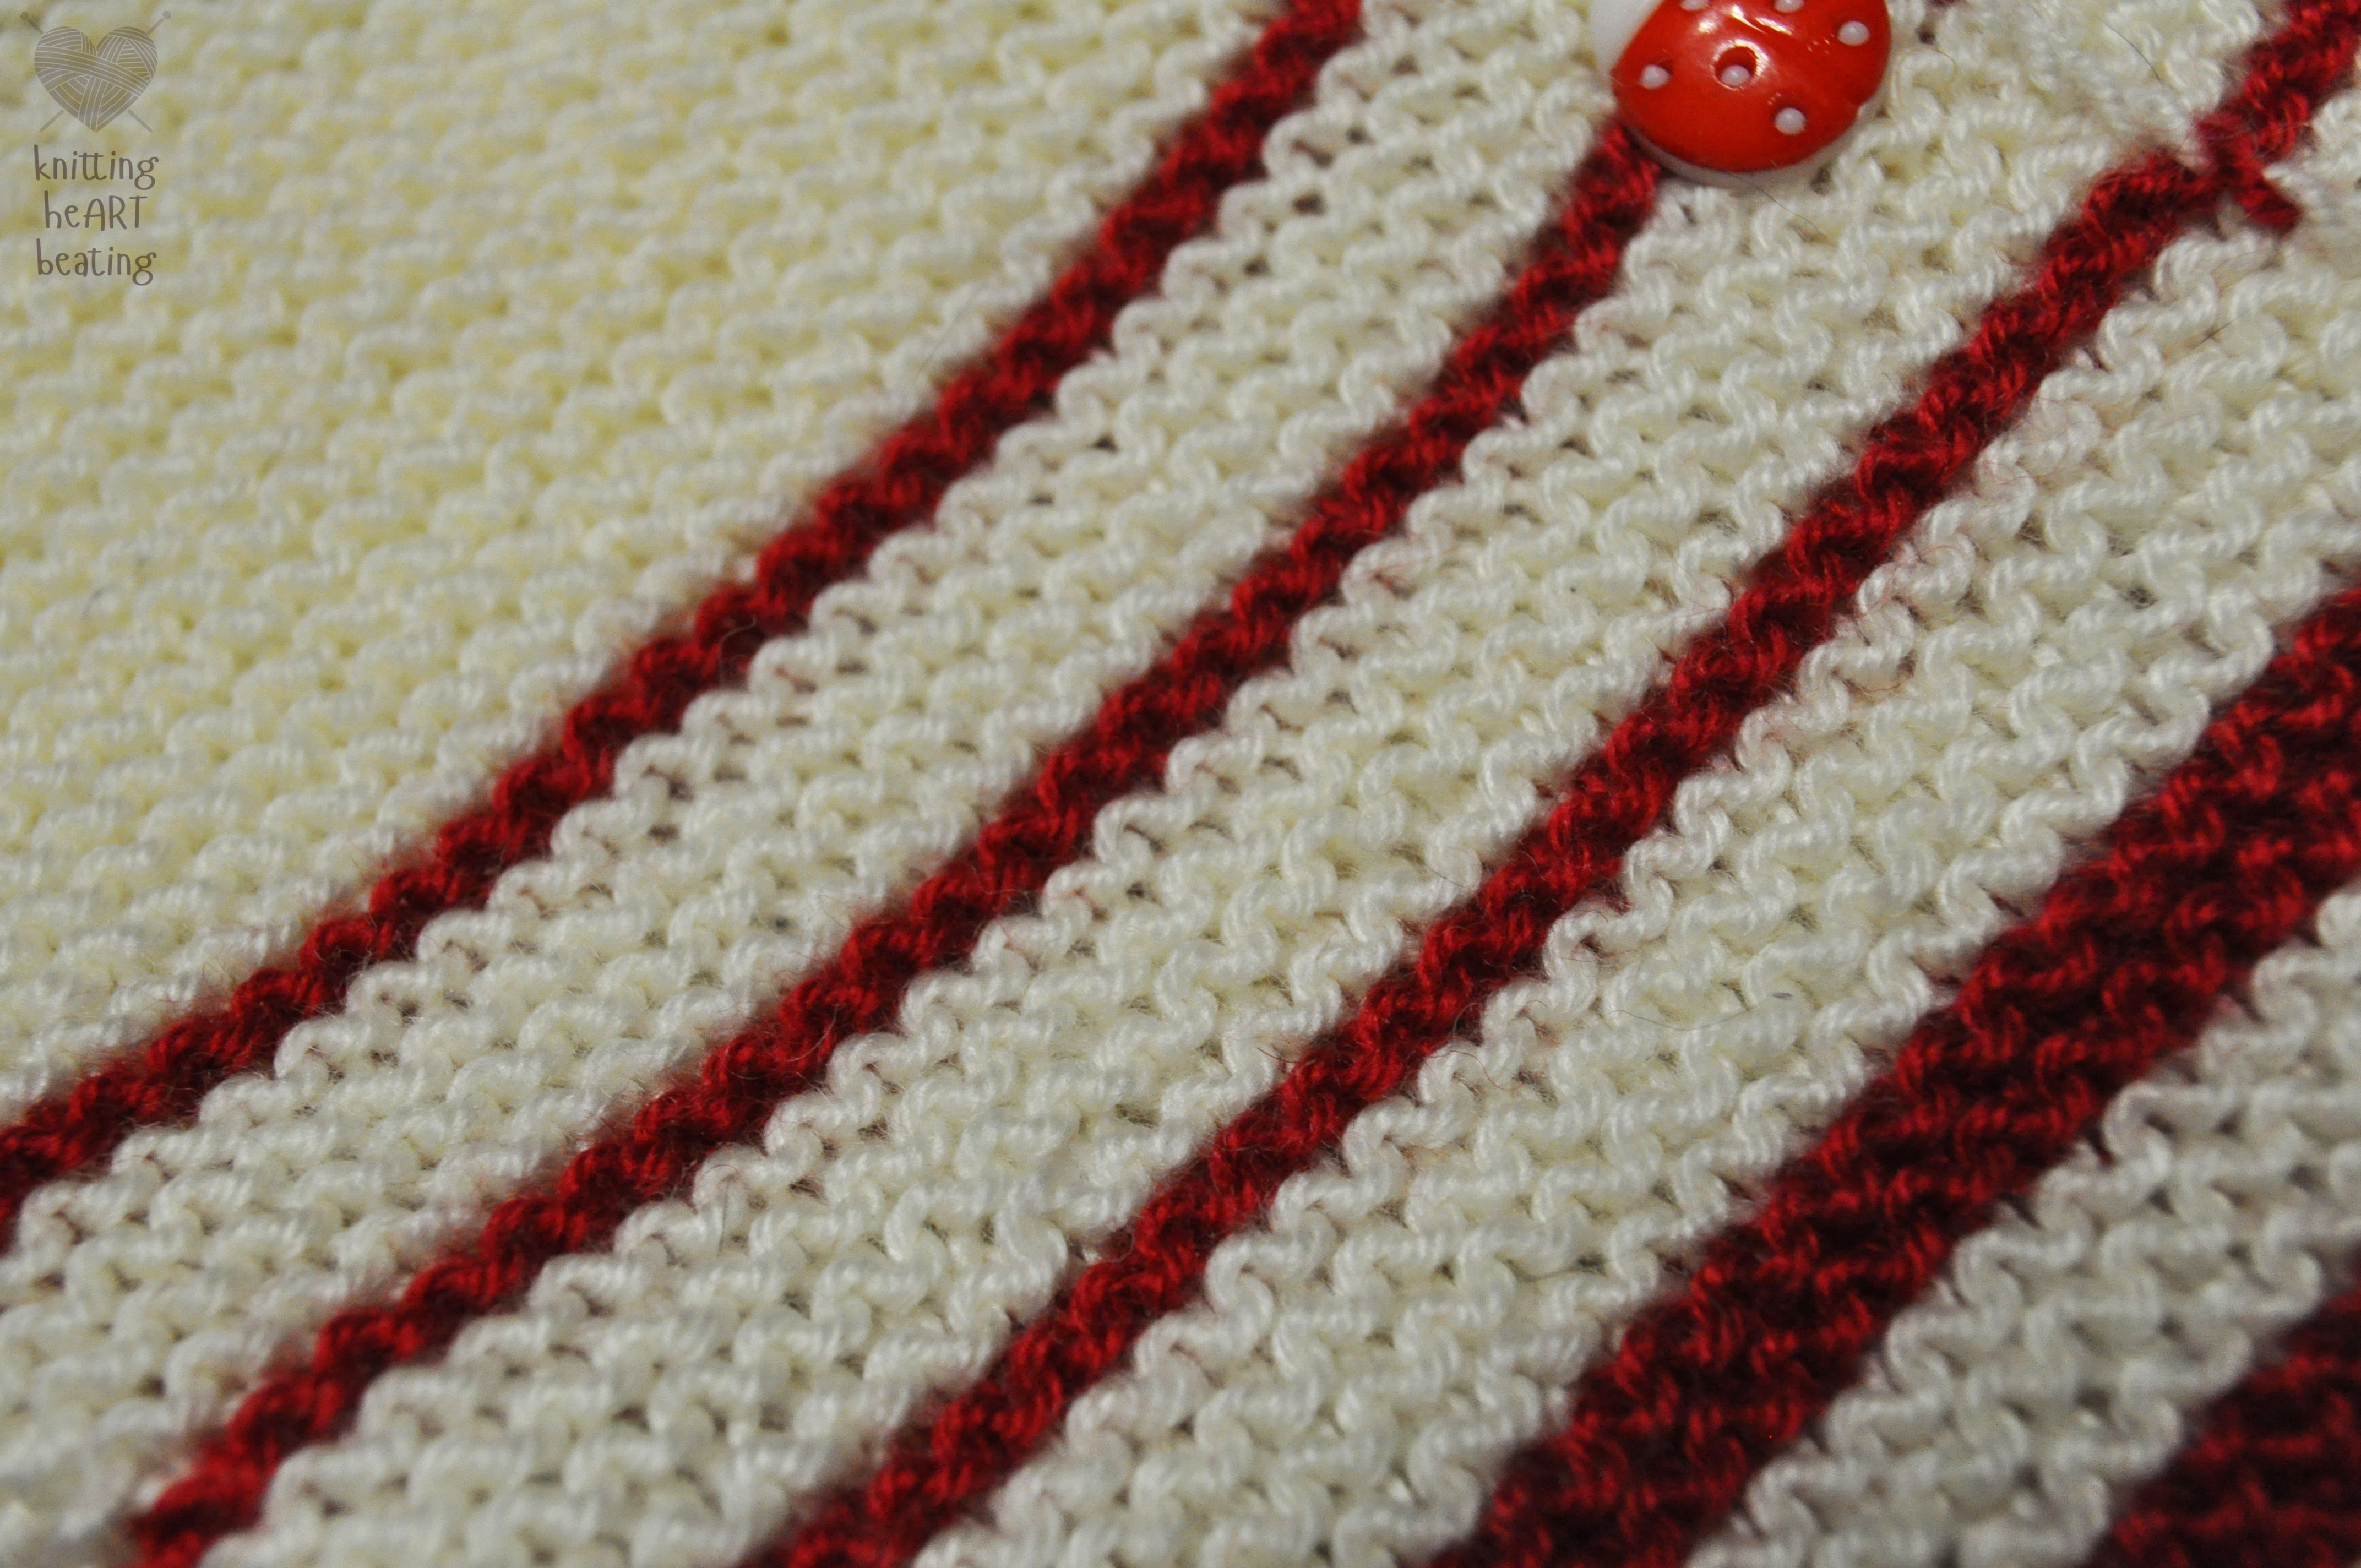 кофточкадлядевочки полосатаякофточка красноеибелое вязаниедлядетей